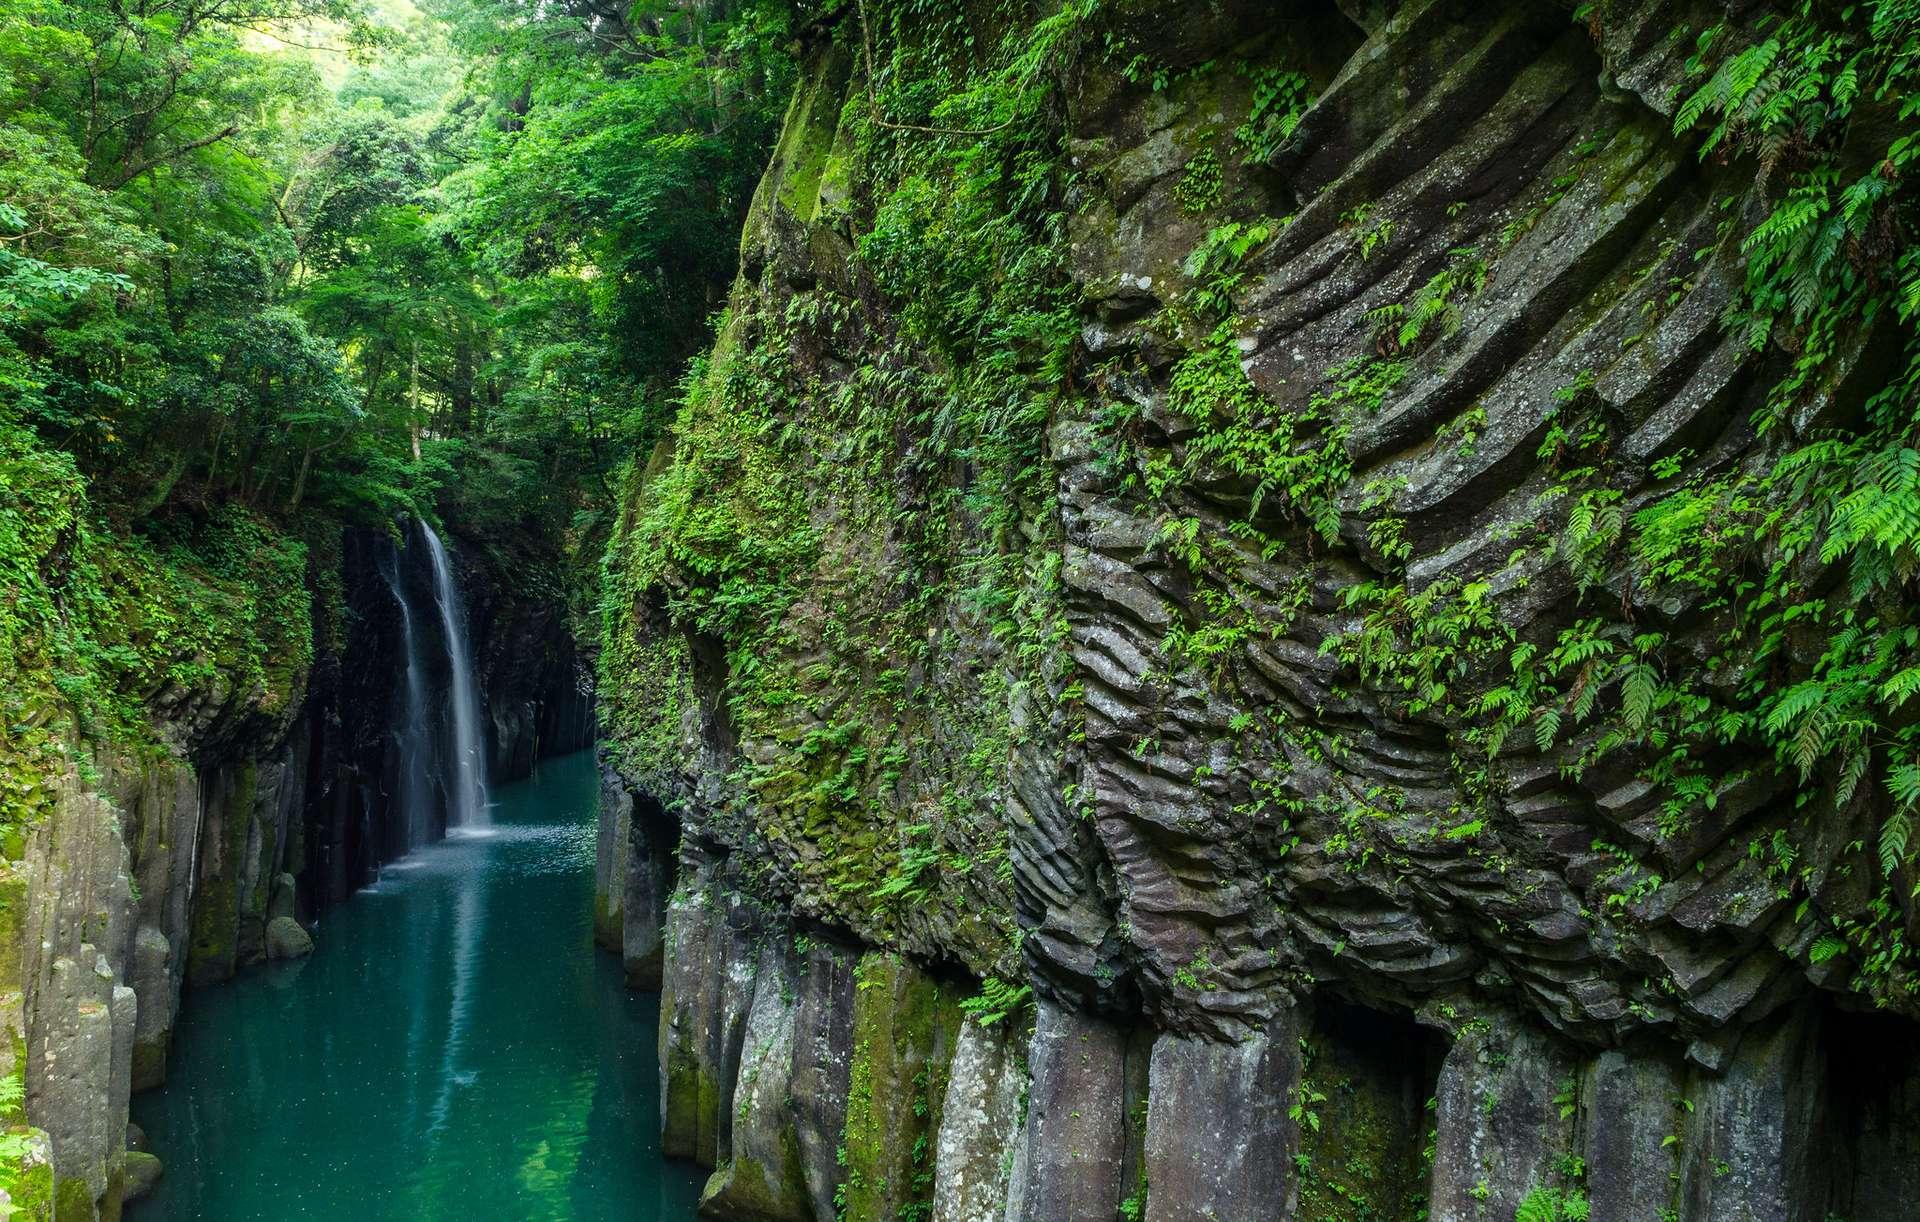 Les gorges de Takachiho ont été taillées dans des falaises de basaltiques par le fleuve Gokase sur l'île de Kyūshū, au Japon. © Einheit 00, Flickr, CC By 2.0